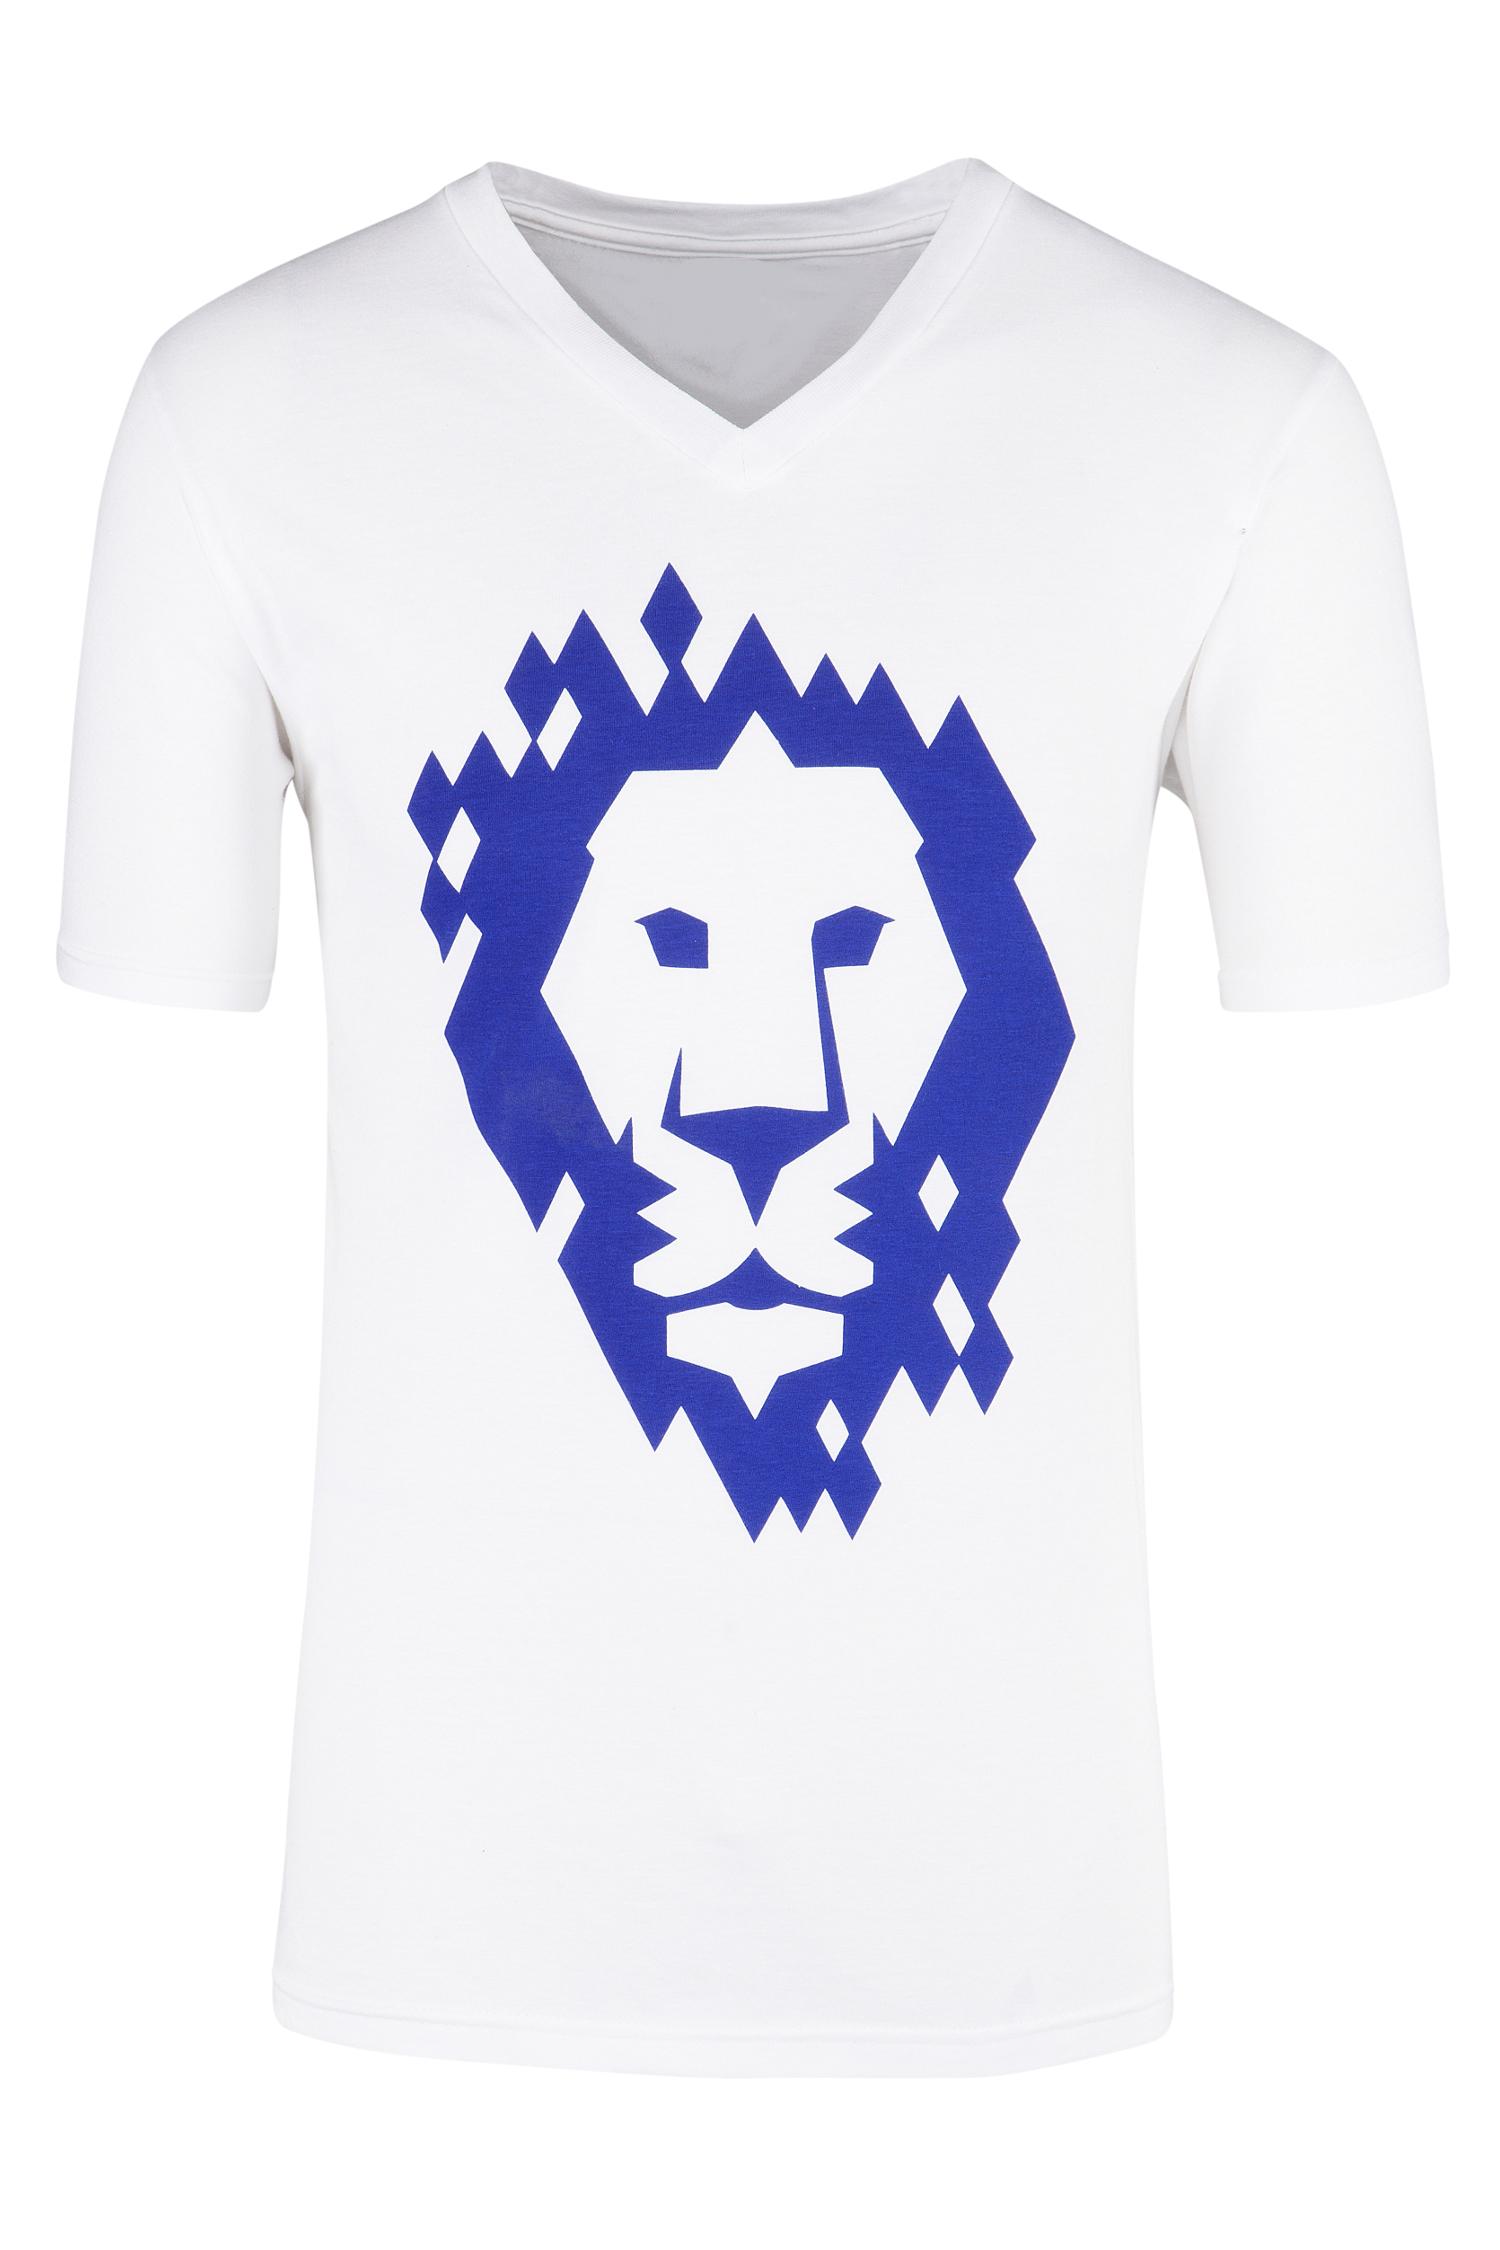 Herren T-Shirt S | weiß